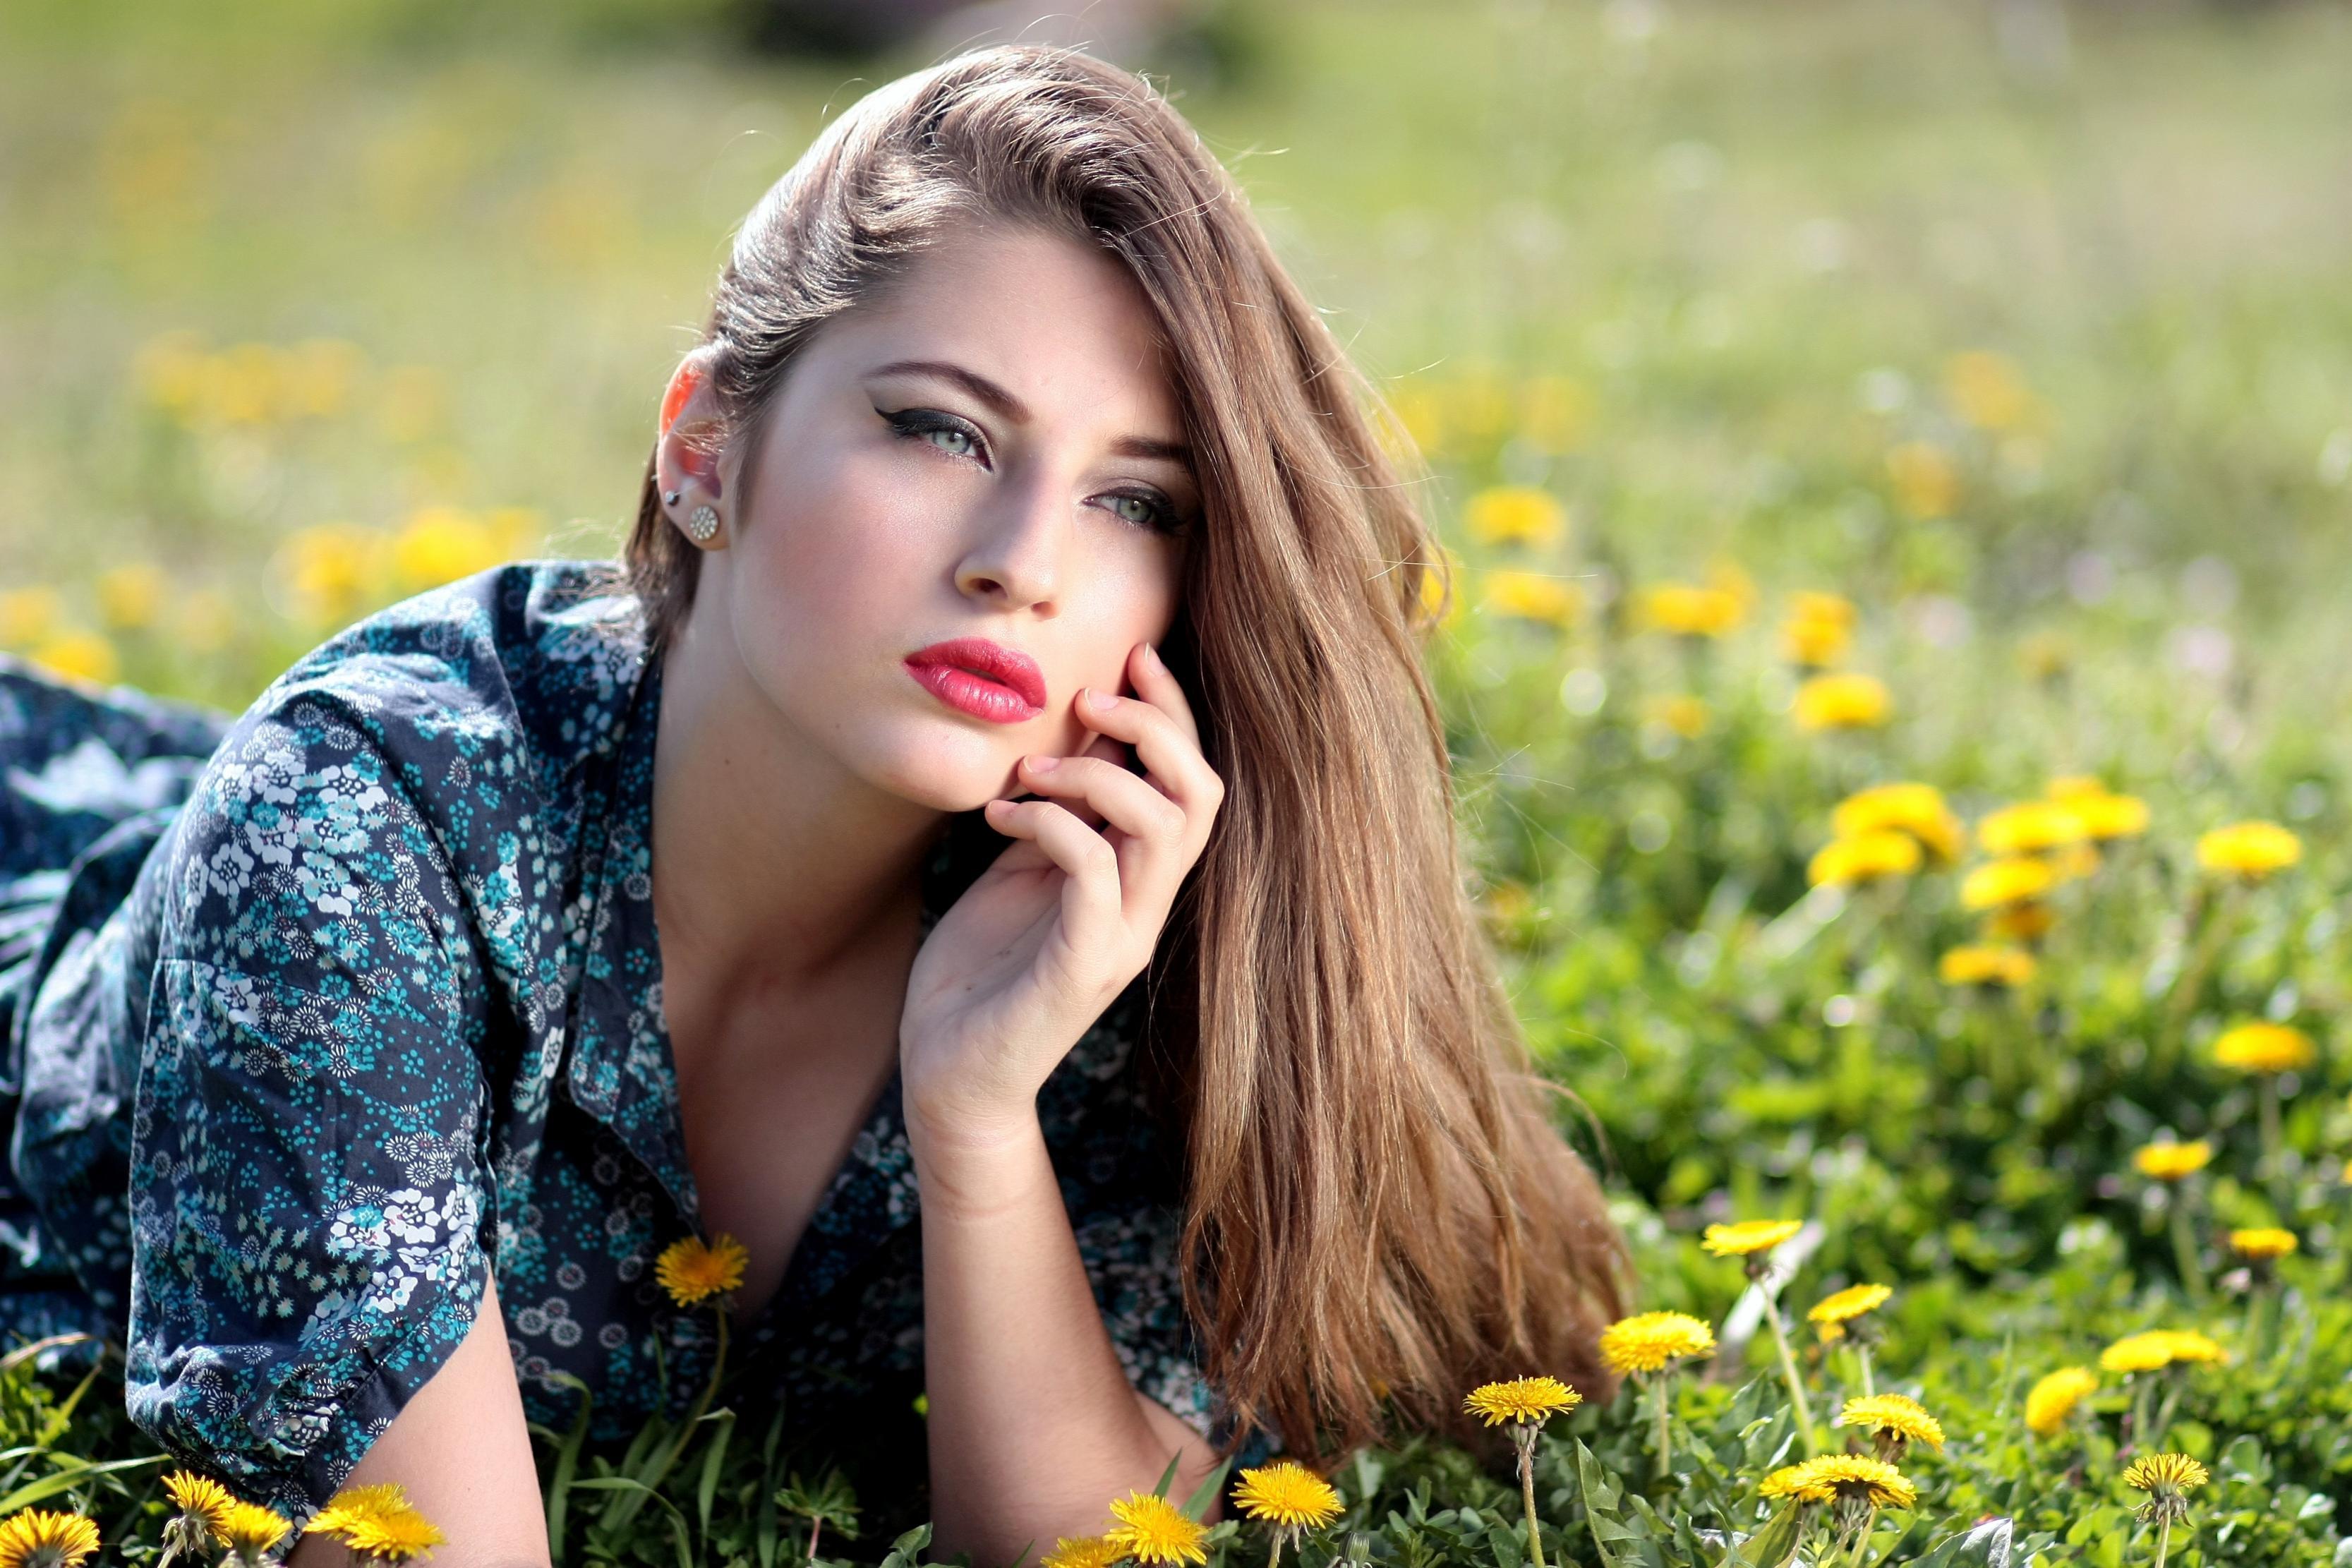 بالصور صور بنات دلع , بنات جميلات دلوعات 5842